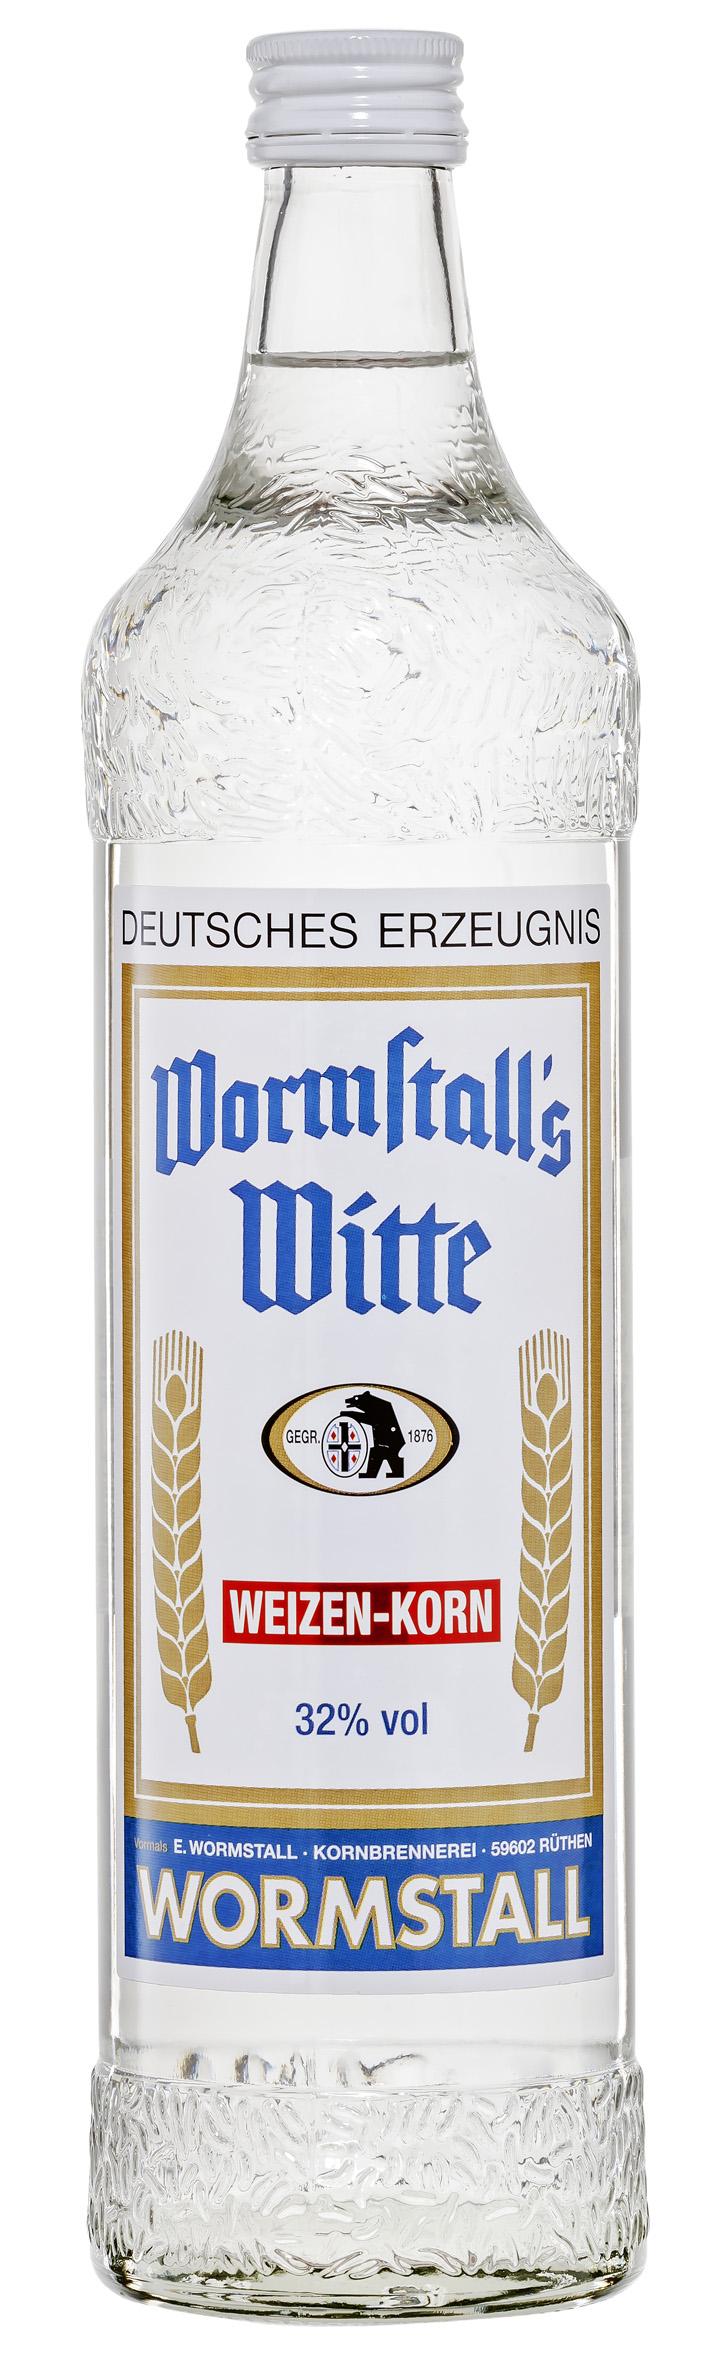 Wormstalls Witte